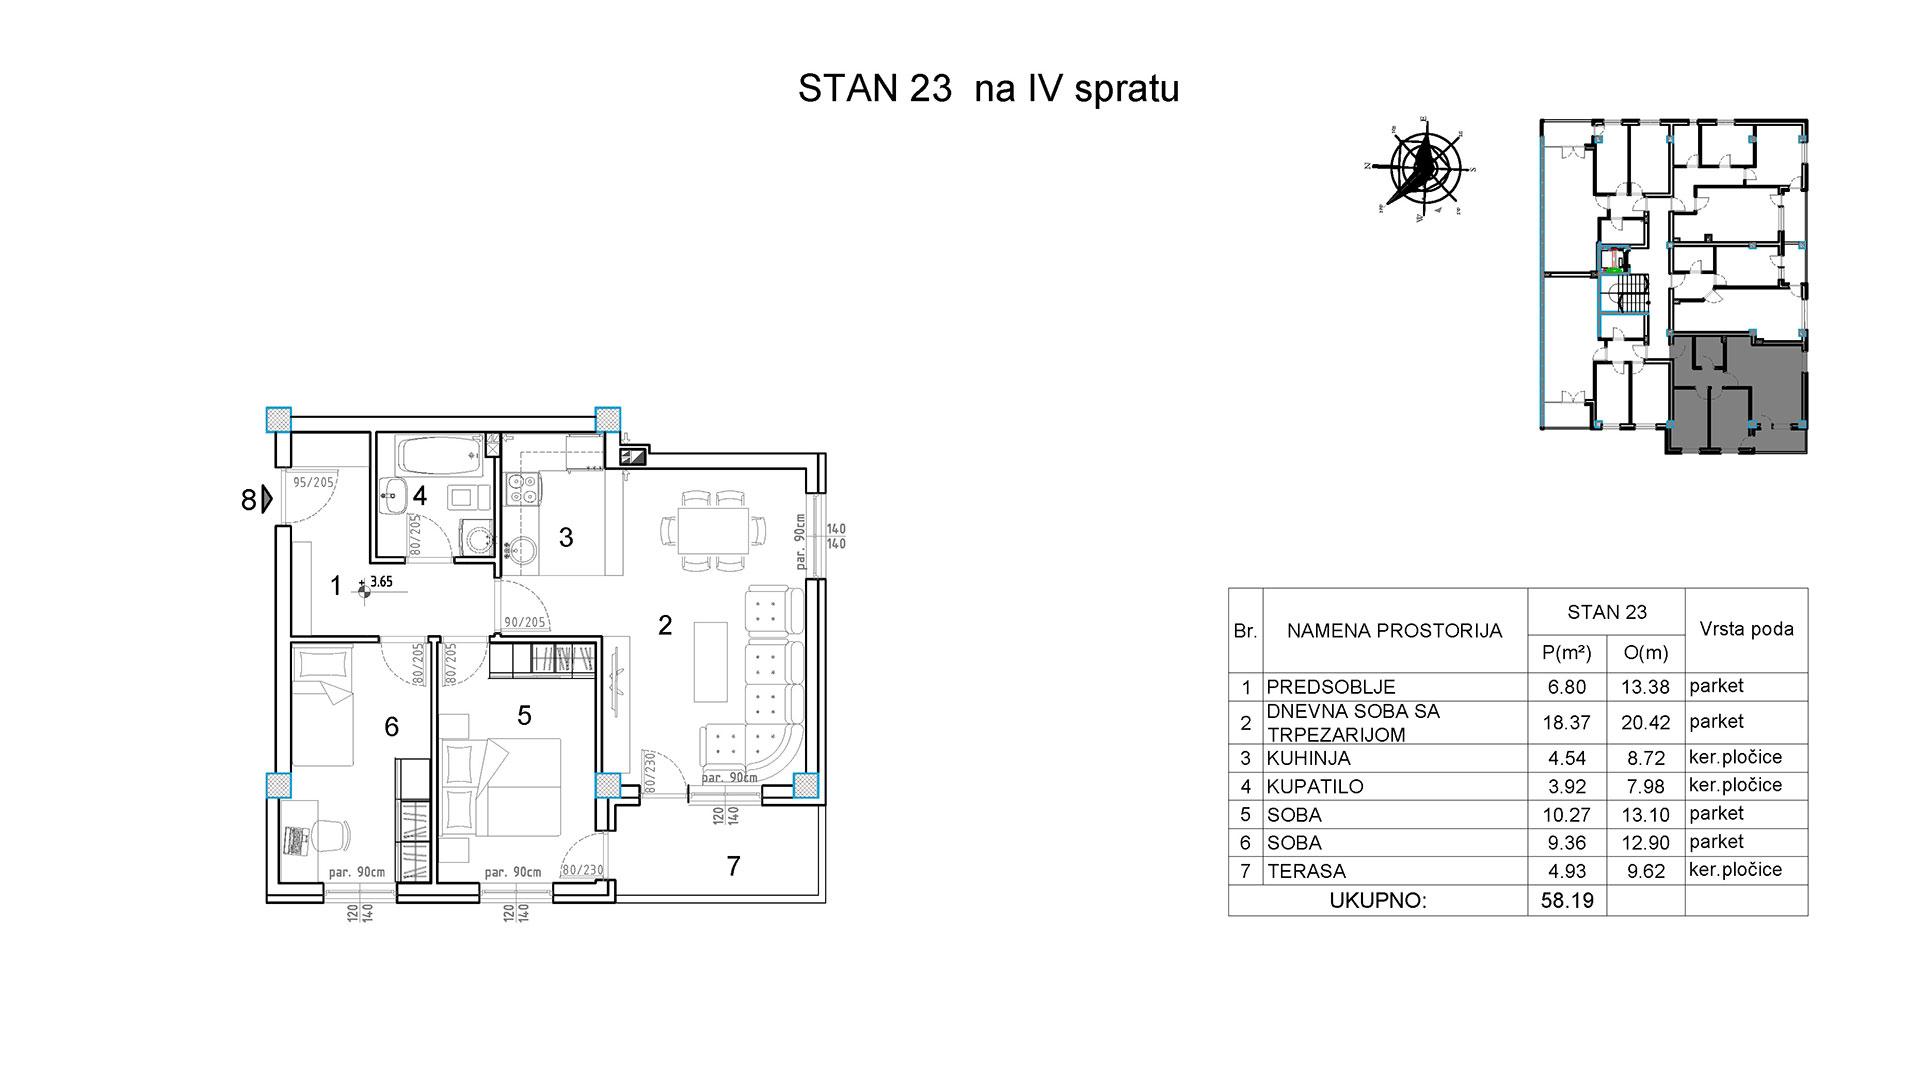 Objekat u Borivoja Stevanovica bb - Stan 23